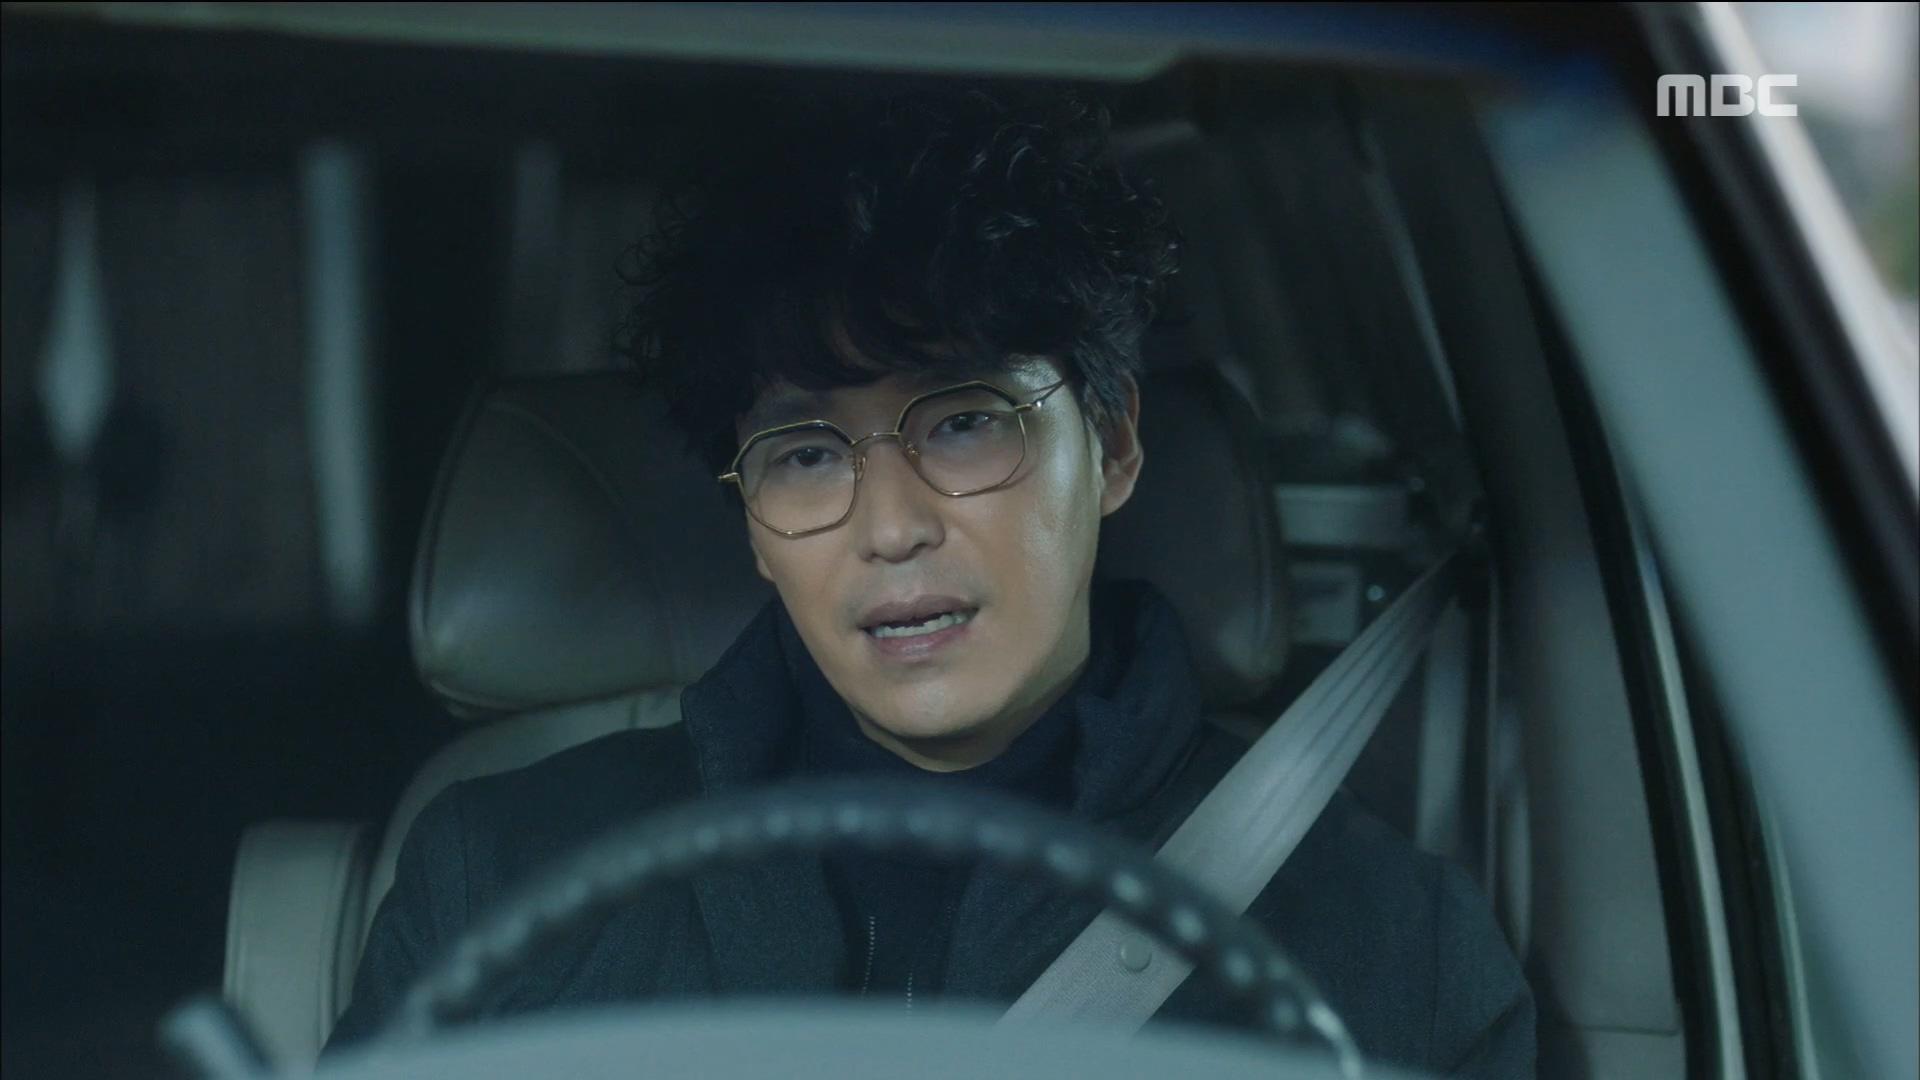 엄기준, 박세완에 말하는 무너진 신념 모든 게 다 무서워졌어